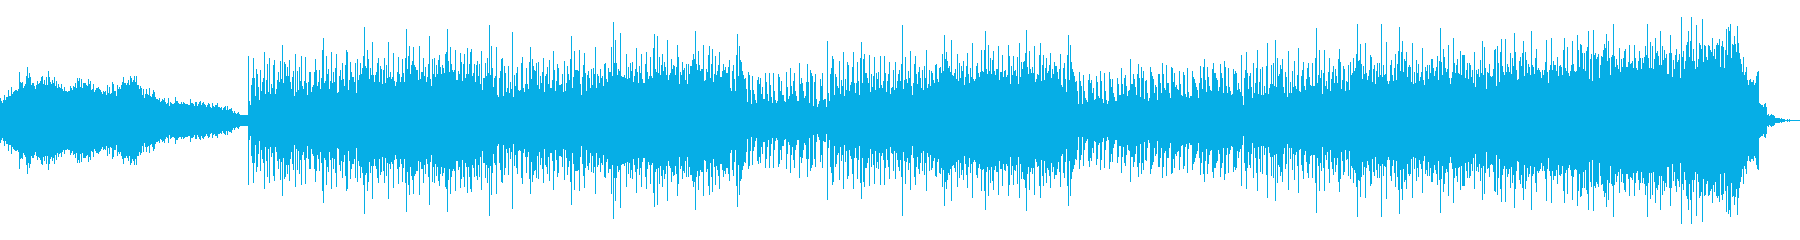 夢の中のエレクトロの再生済みの波形